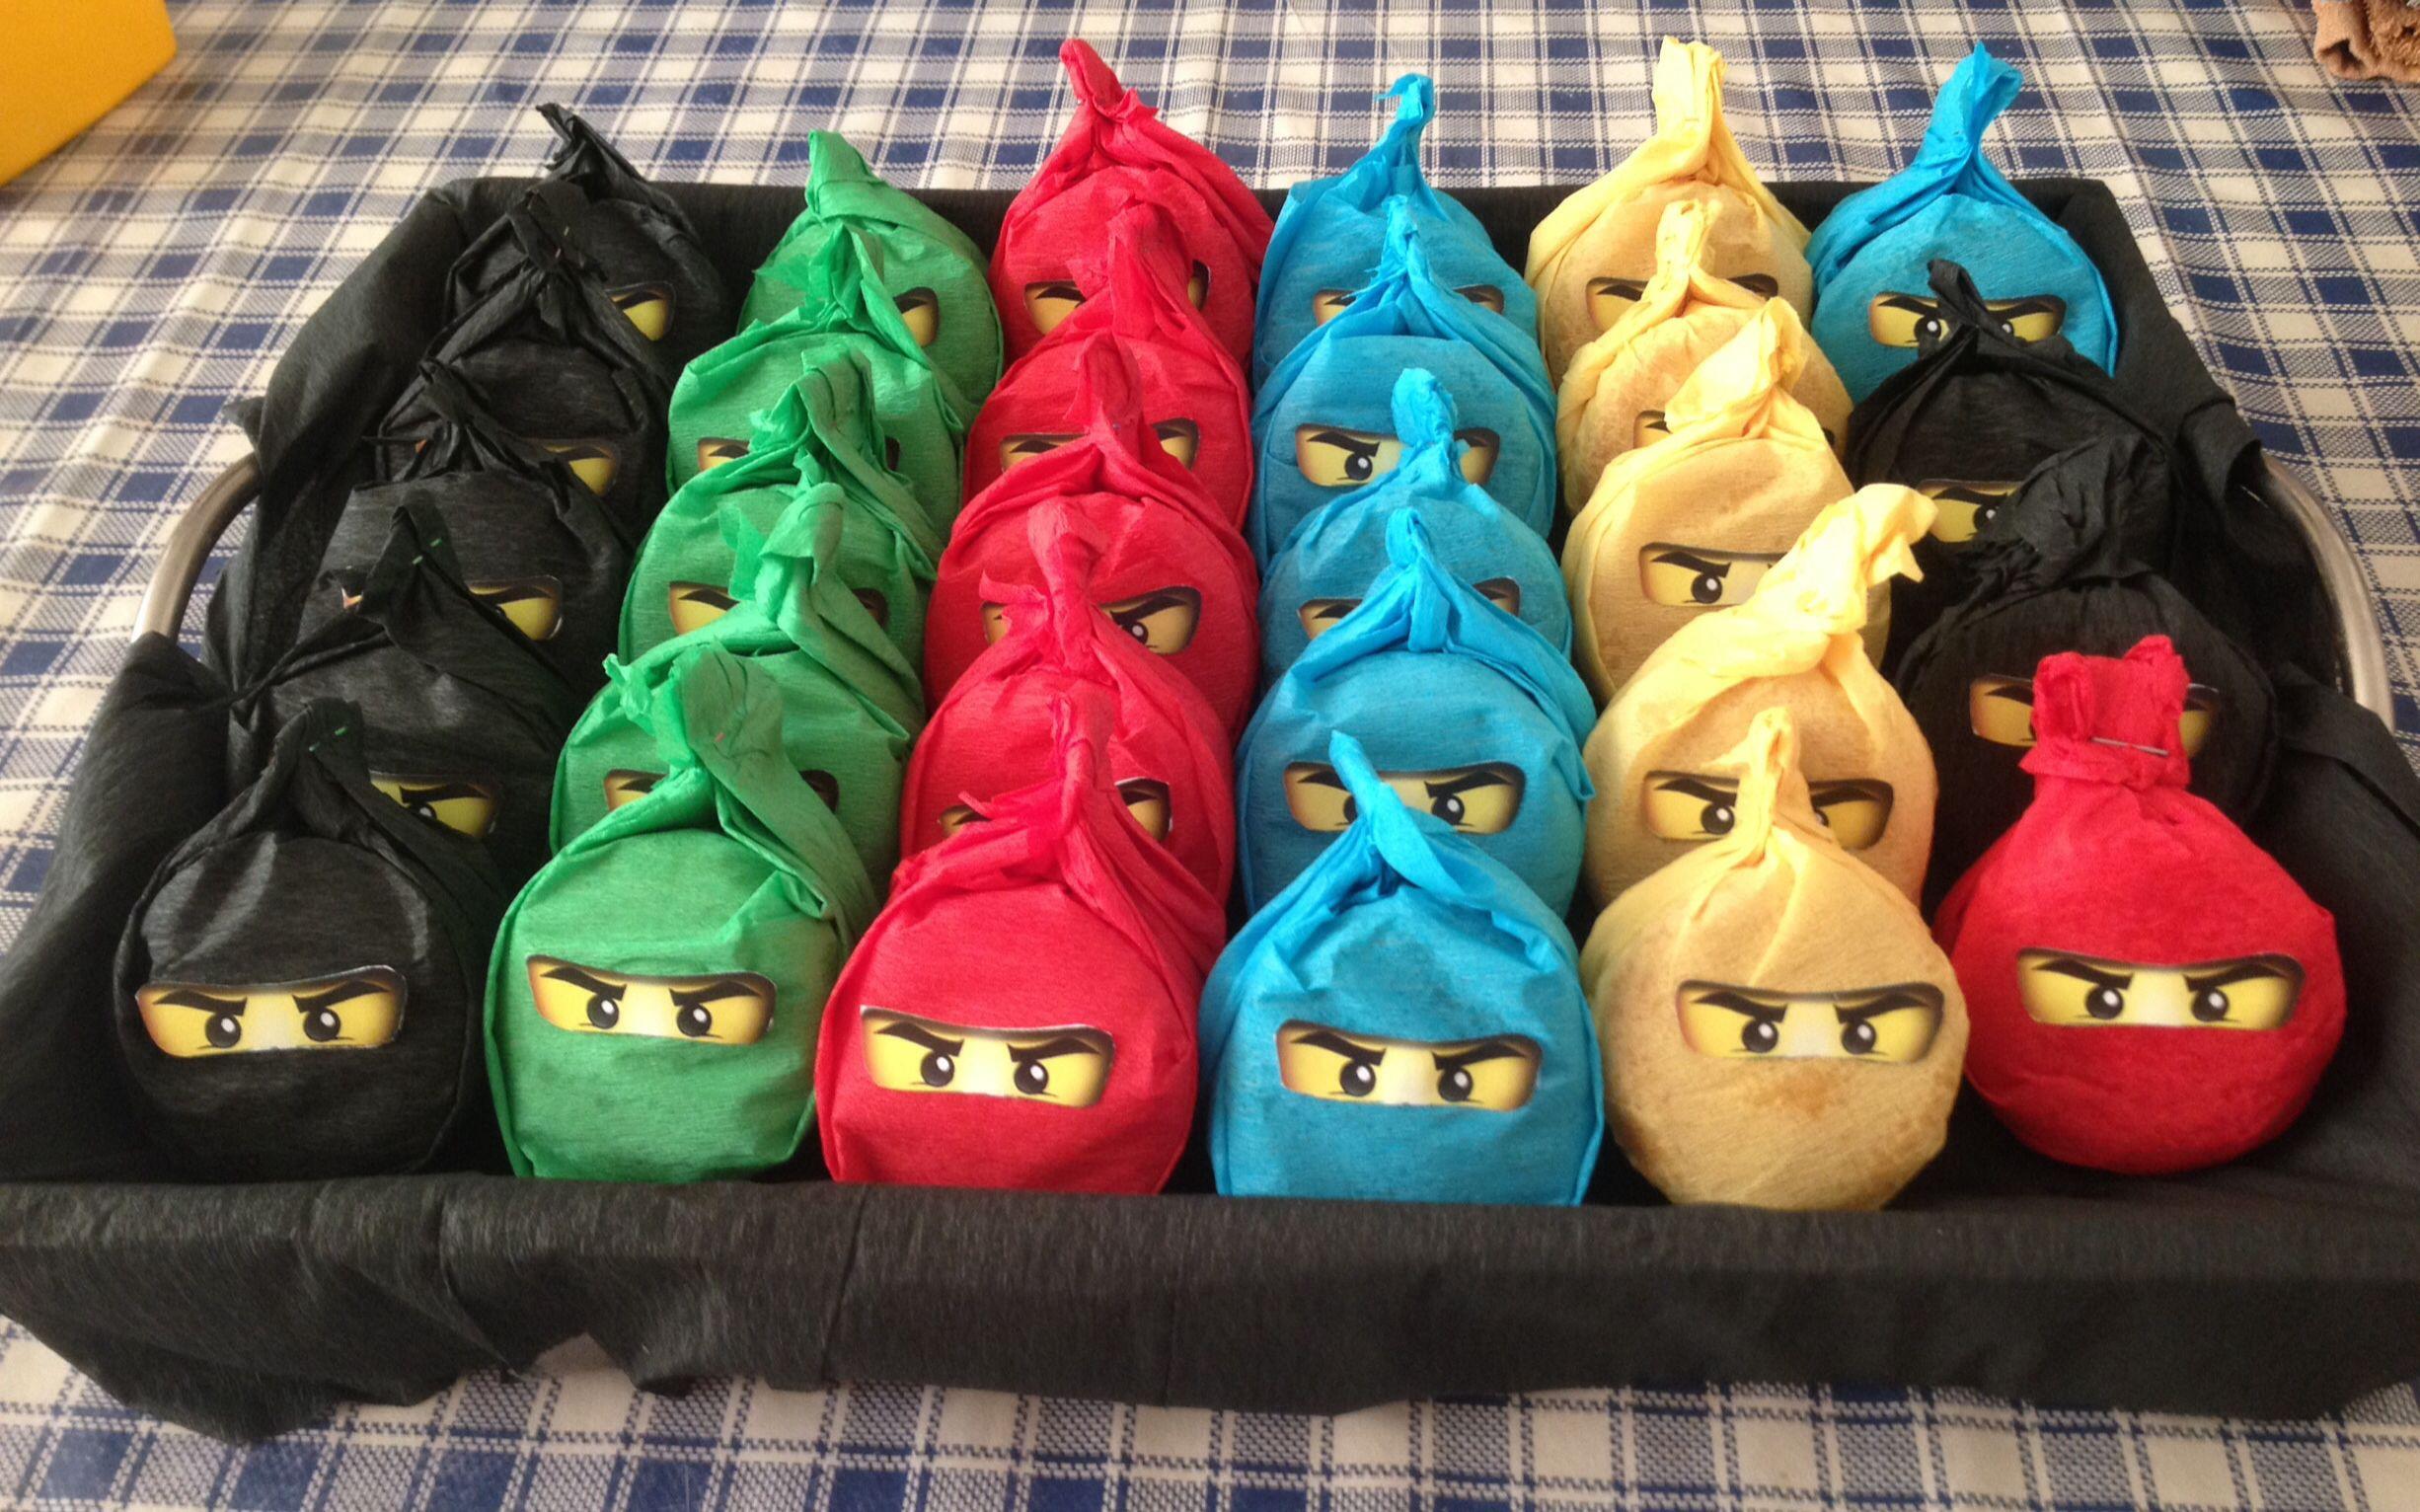 Lego Ninjago Verjaardag.Ninjago Traktatie Party At School Voor Sven Zijn 7e